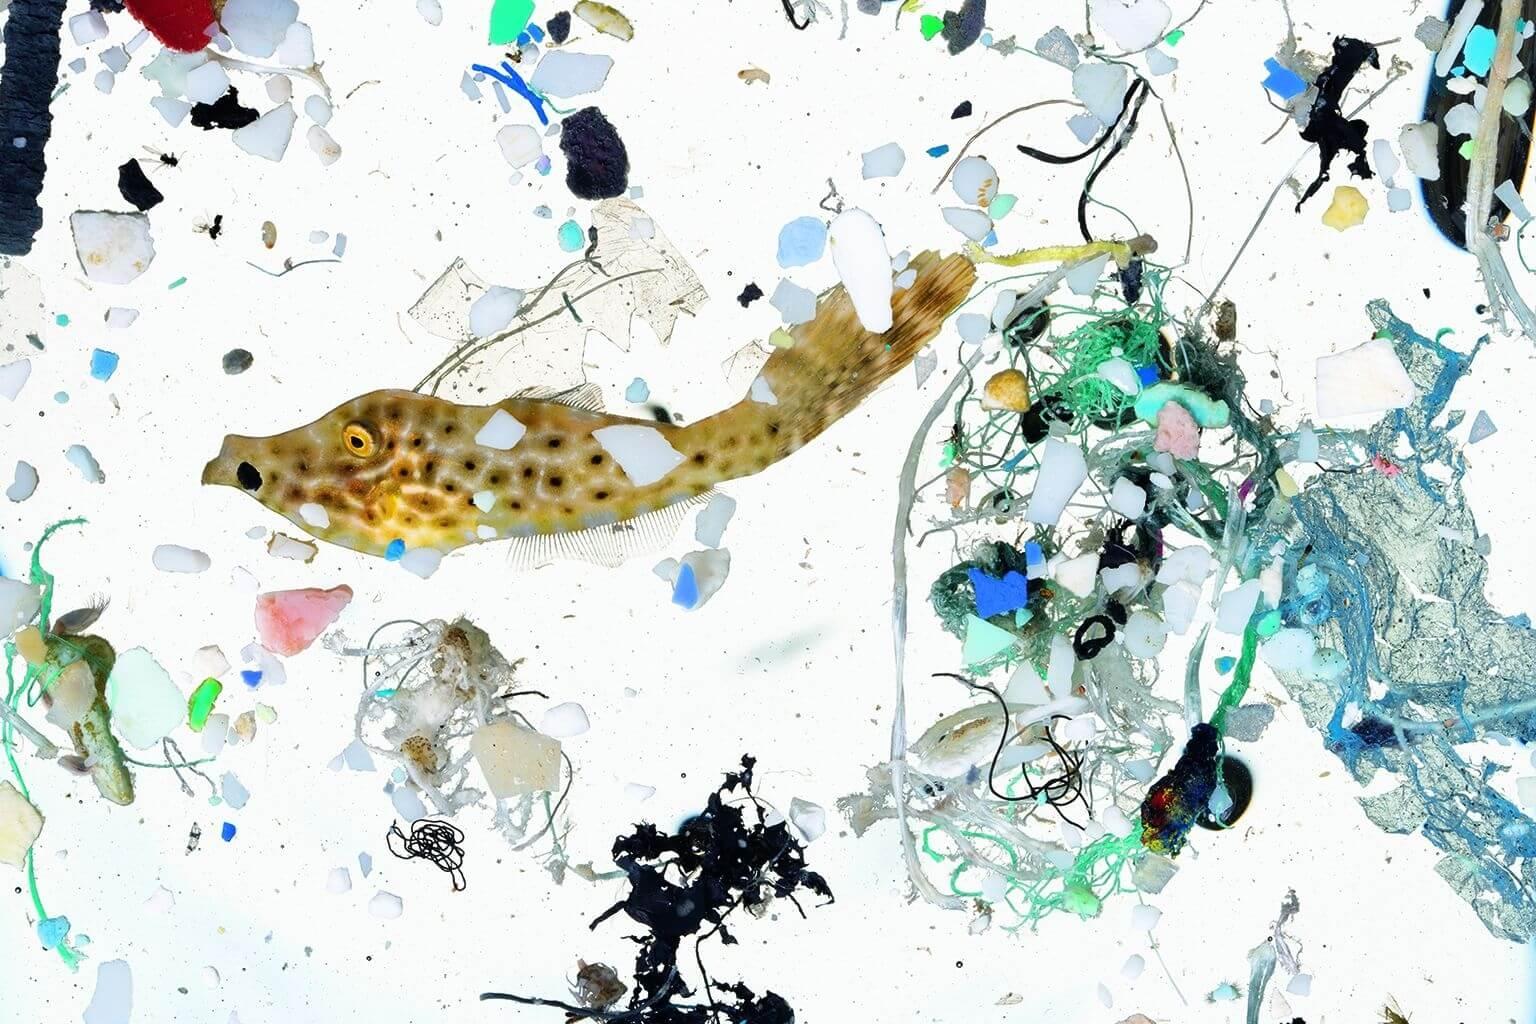 夏威夷外海的幼魚棲息場,現在充斥著微塑膠。許多海洋魚類靠著海面油狀物長大,這些天然多油的海面富含浮游生物和其他魚的食物,根據美國國家海洋及大氣總署在檀香山的研究人員調查,海面油狀物現在也含有許多塑膠。他們用細目漁網在大島外海的海面油狀物中拖撈,再將撈上來的東西加以分析。照片中這隻5公分長的長尾革單棘魨大約50天大,正在一大片「塑膠湯」中游動。攝影:大衛.李特舒瓦格 David Liittschwager,攝於夏威夷凱魯瓦NOAA太平洋島嶼漁業科學中心的臨時野外實驗室。